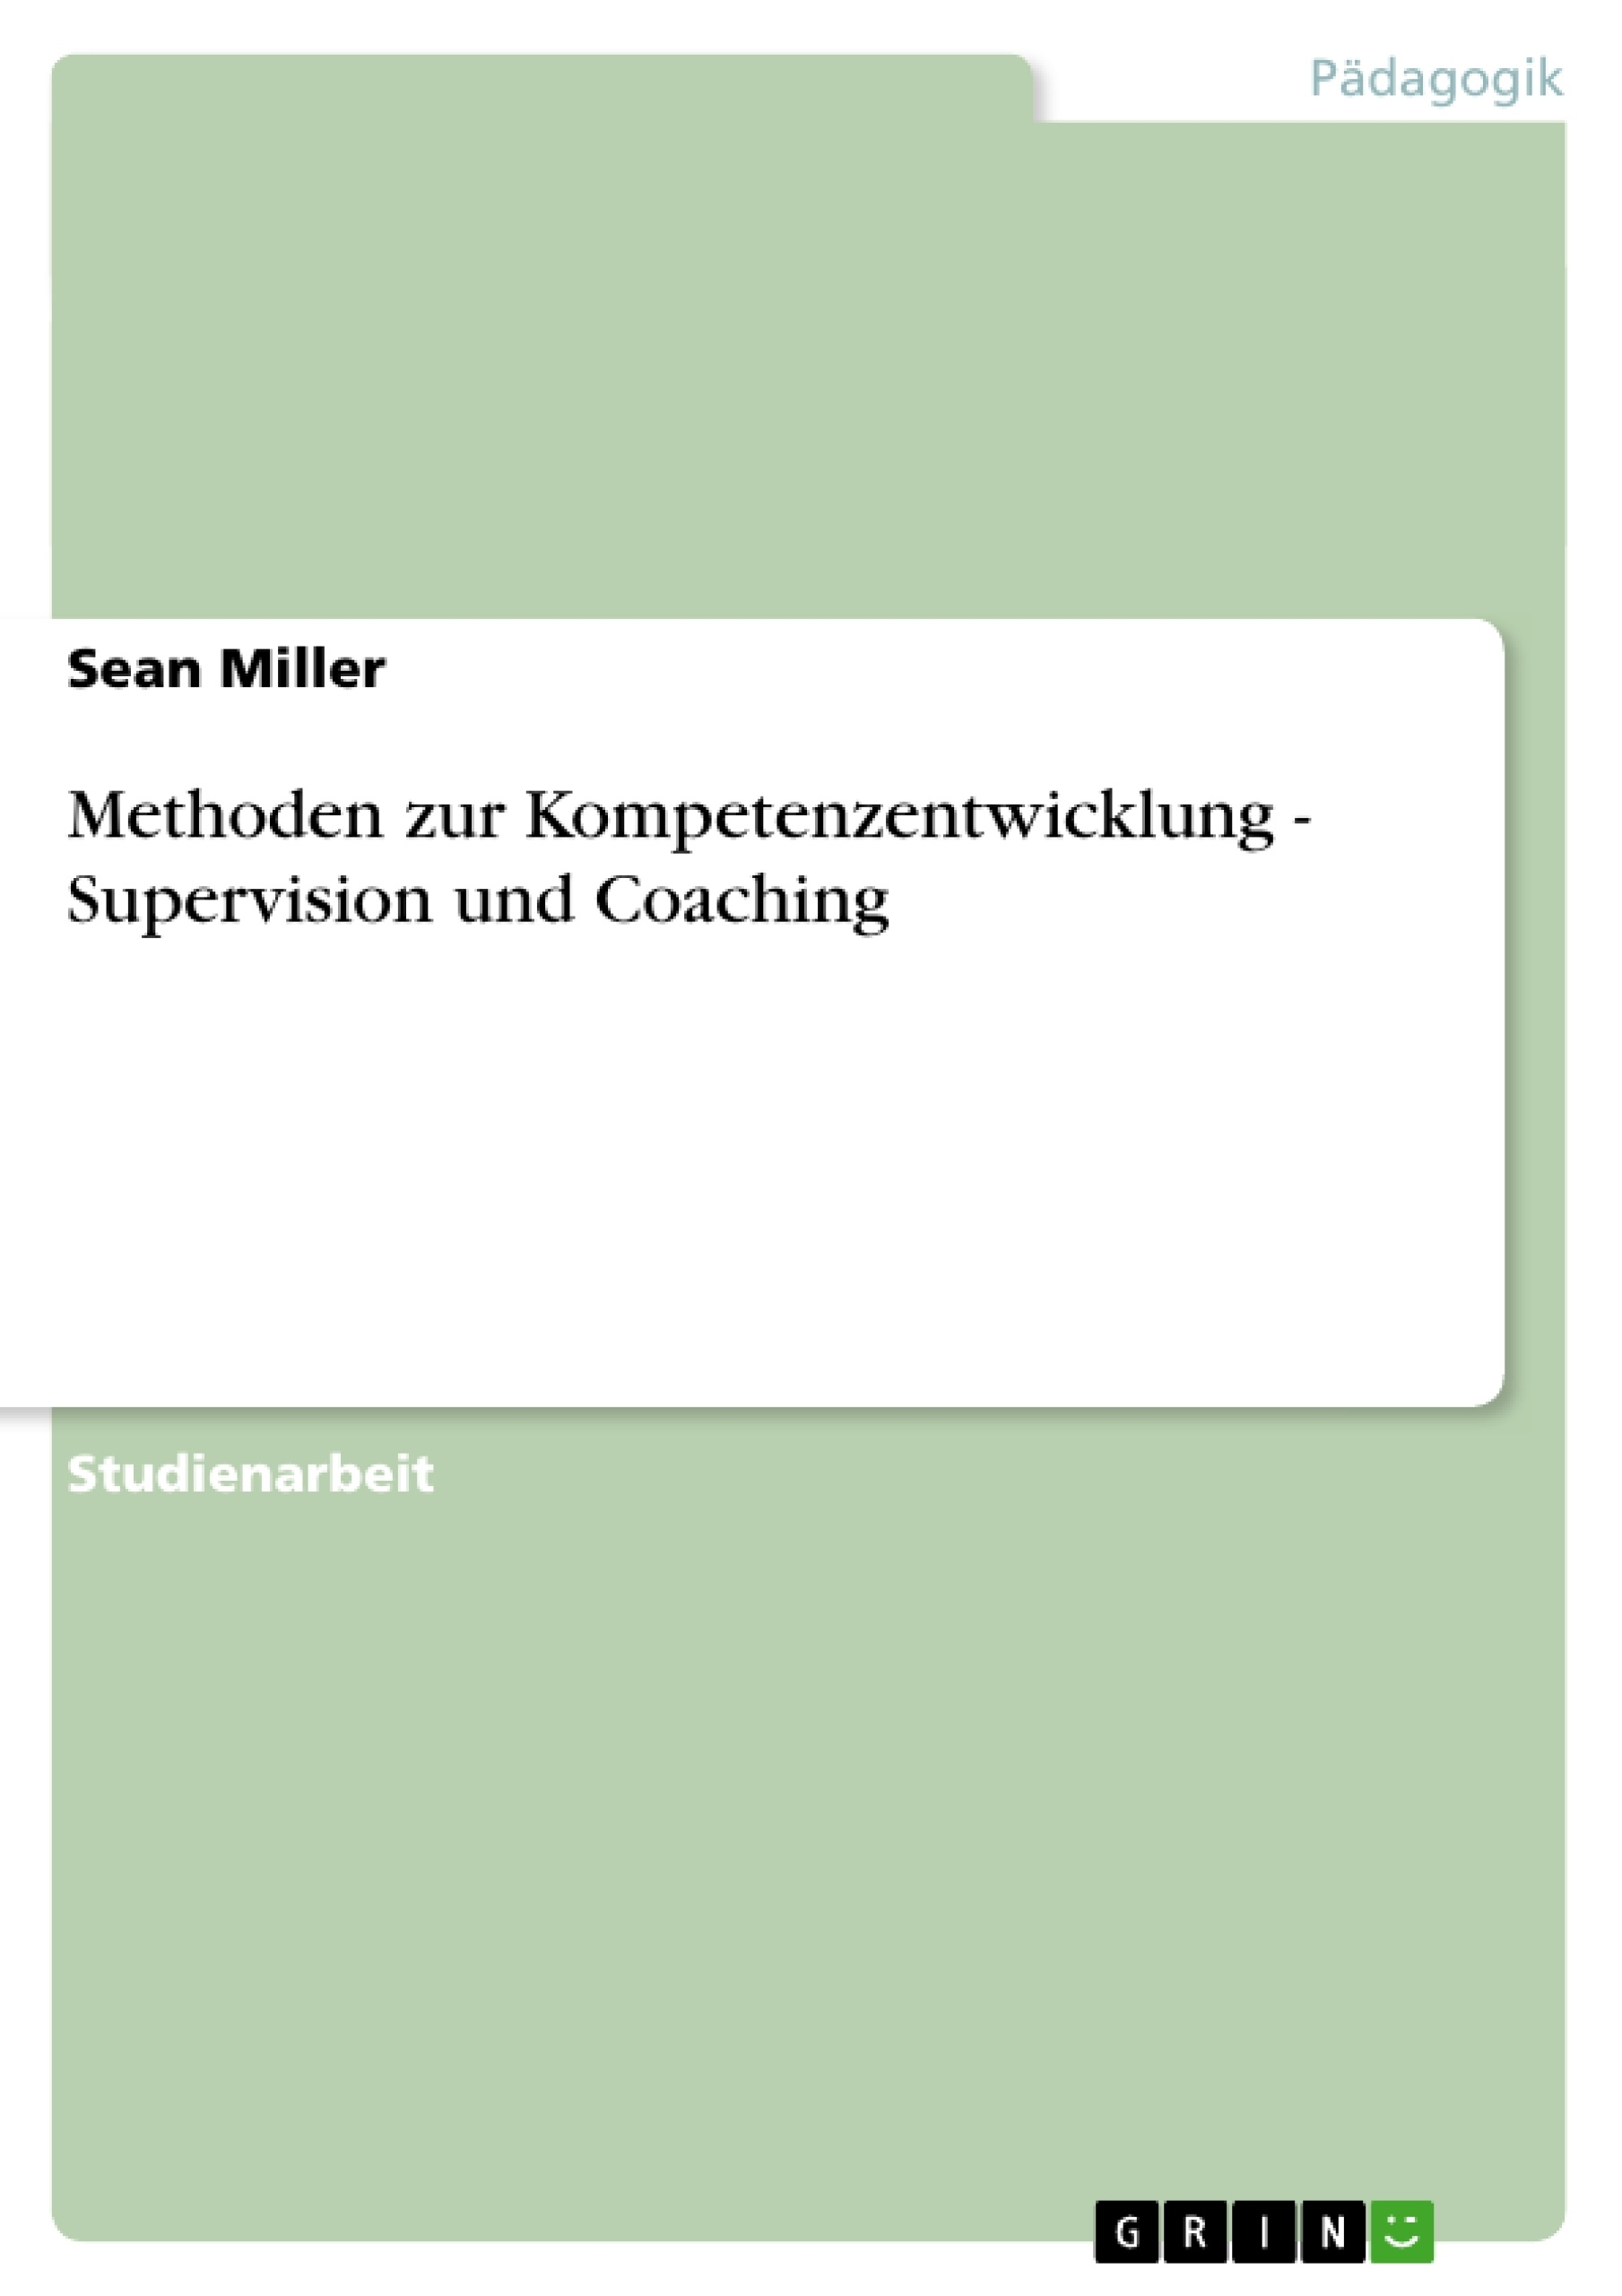 Titel: Methoden zur Kompetenzentwicklung - Supervision und Coaching